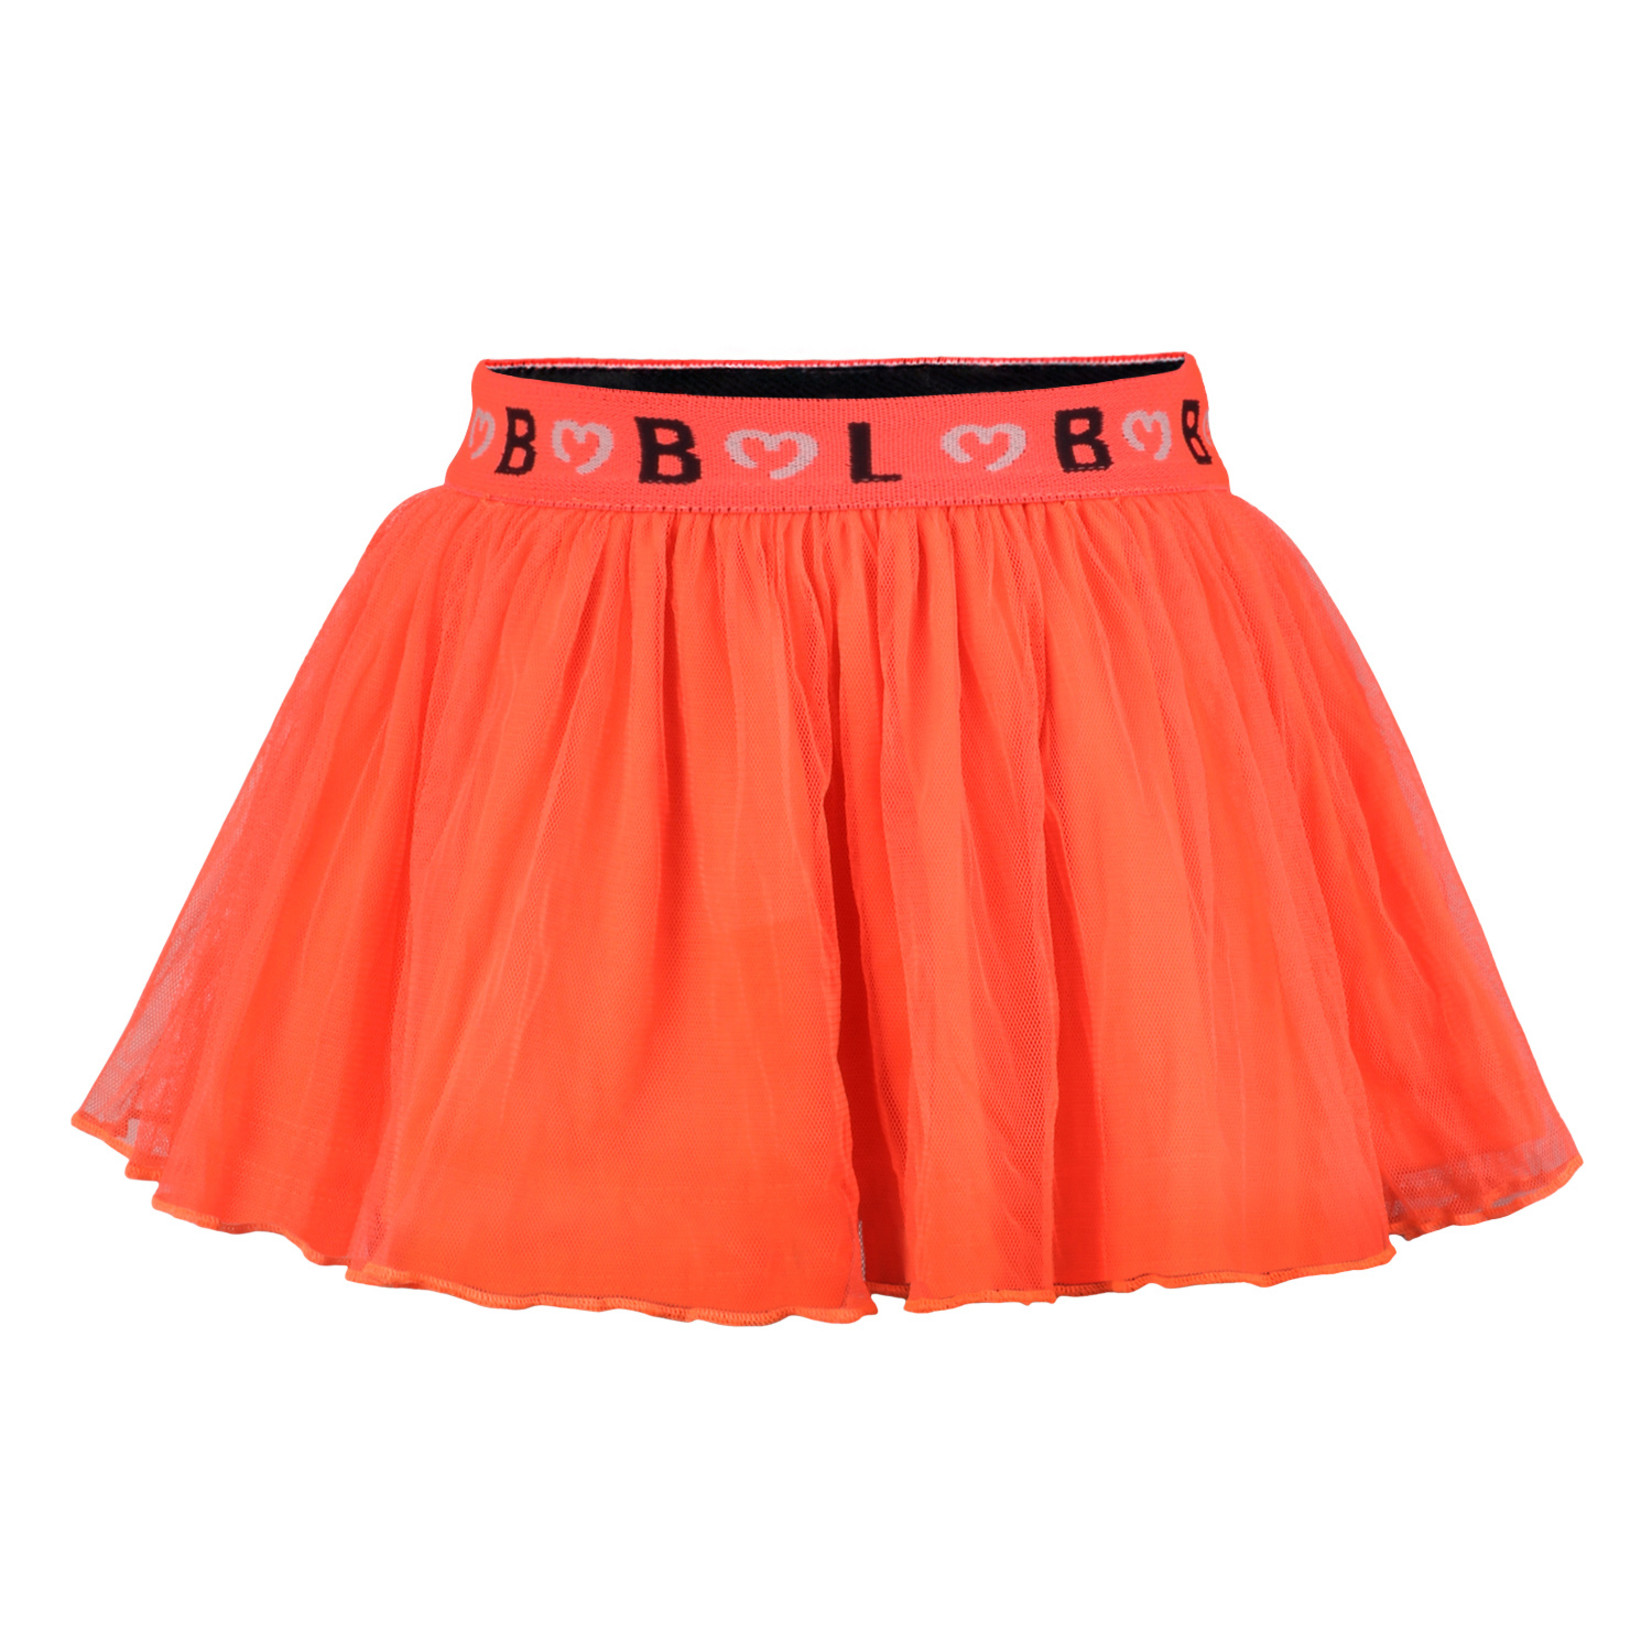 Beebielove Skirt bbl 2653